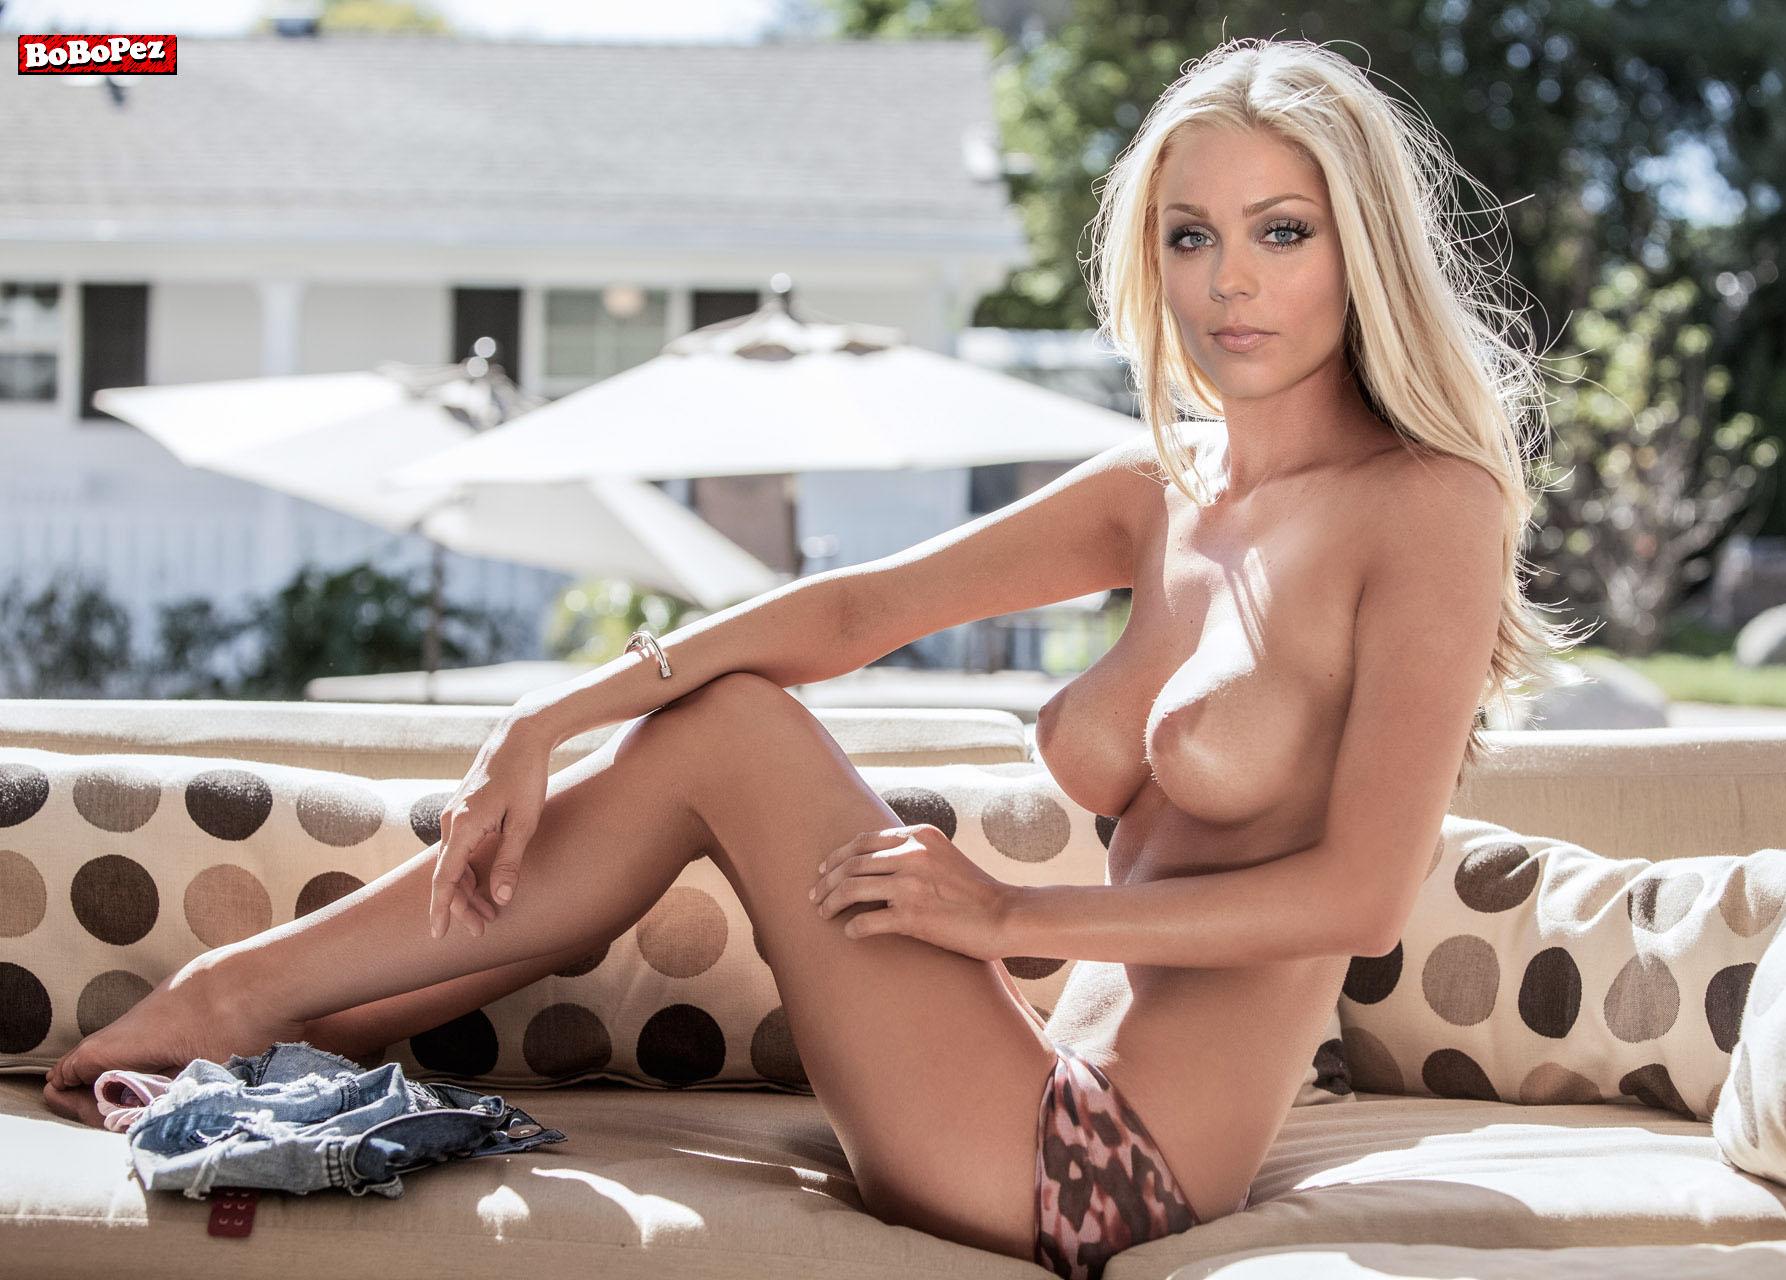 girl like old men nude